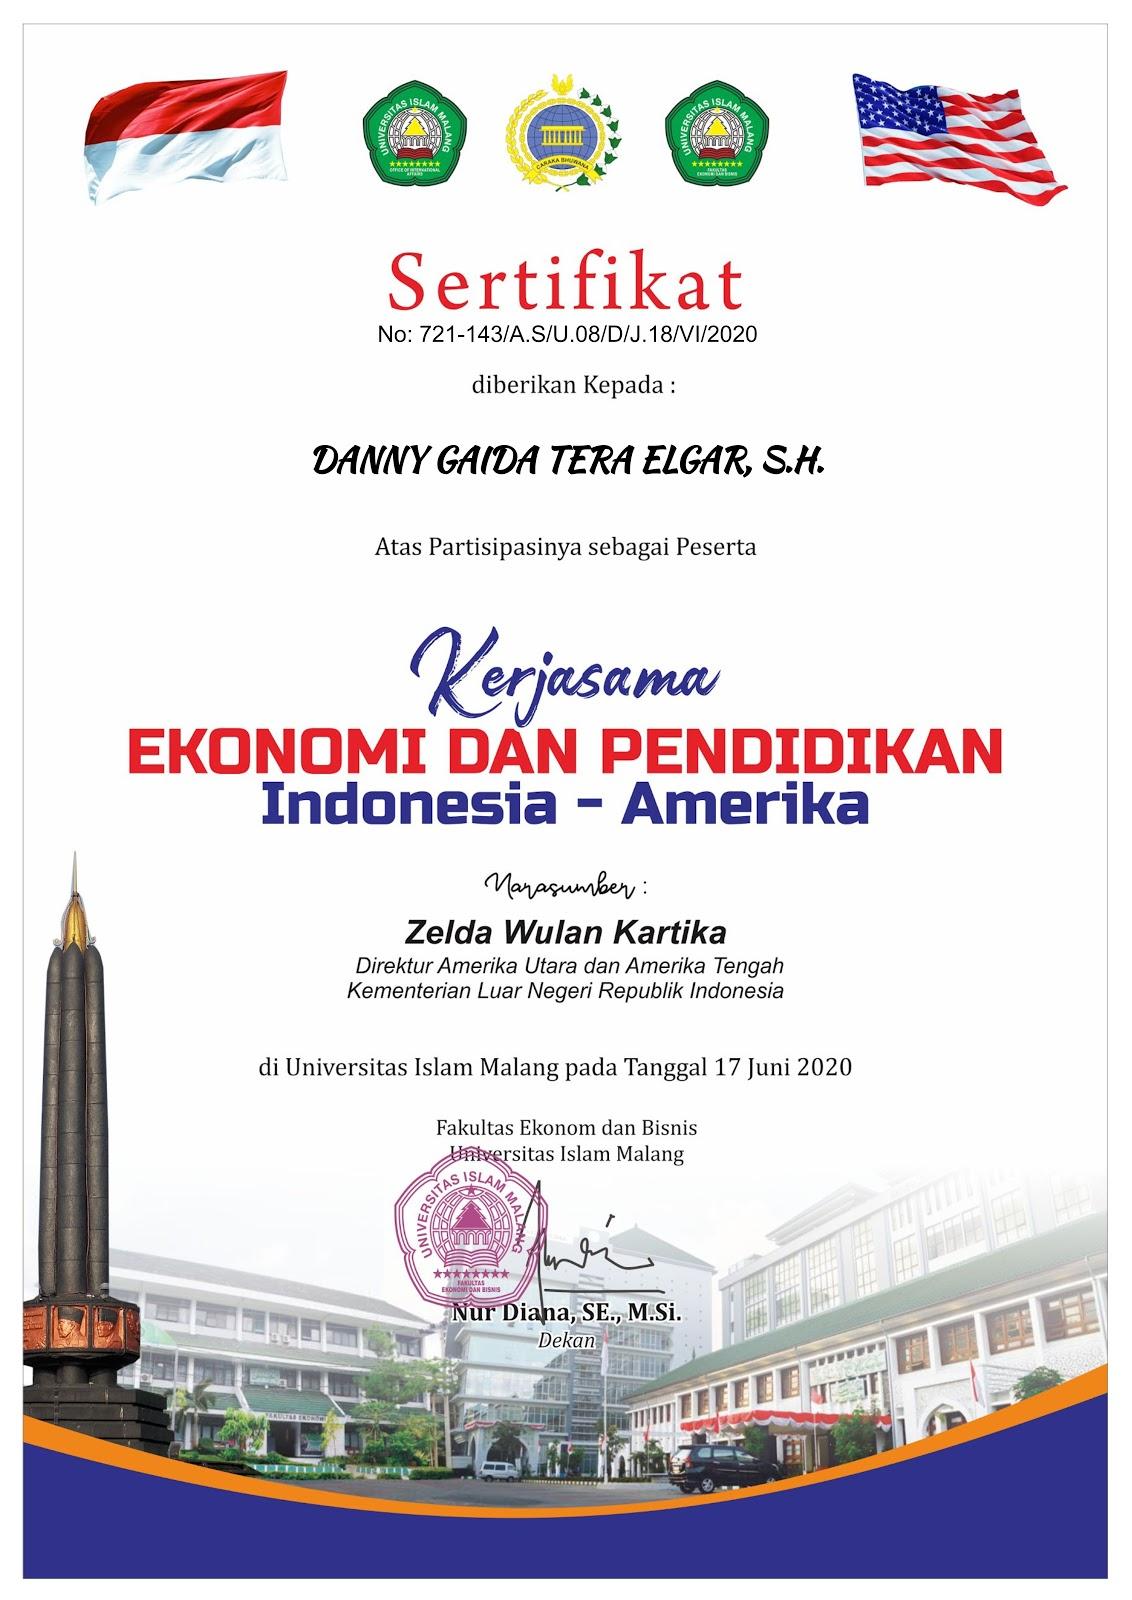 Sertifikat Kerjasama Ekonomi dan Pendidikan Indonesia - Amerika | Kementerian Luar Negeri Republik Indonesia (Kemlu RI) | Fakultas Ekonomi dan Bisnis Universitas Islam Malang (UNISMA) | Rabu, 17 Juni 2020